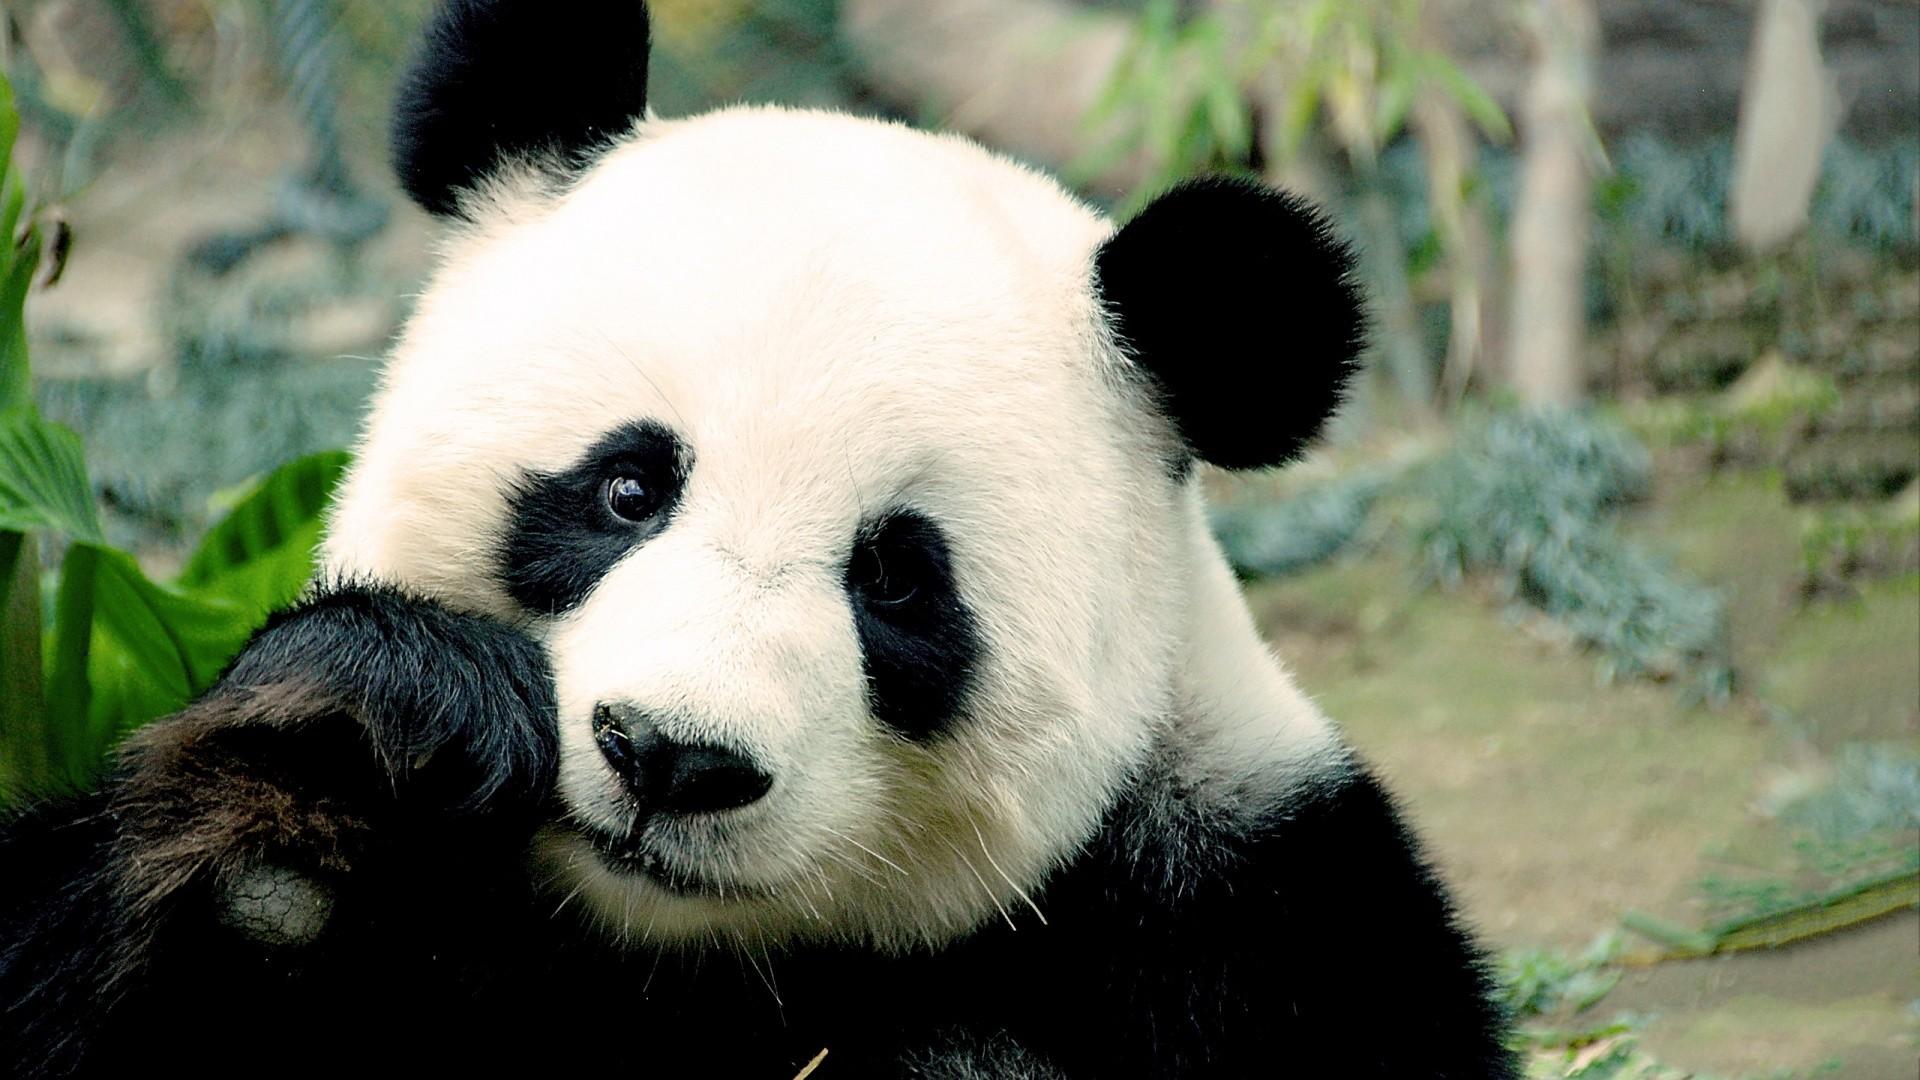 Res: 1920x1080, Cute Panda Wallpapers